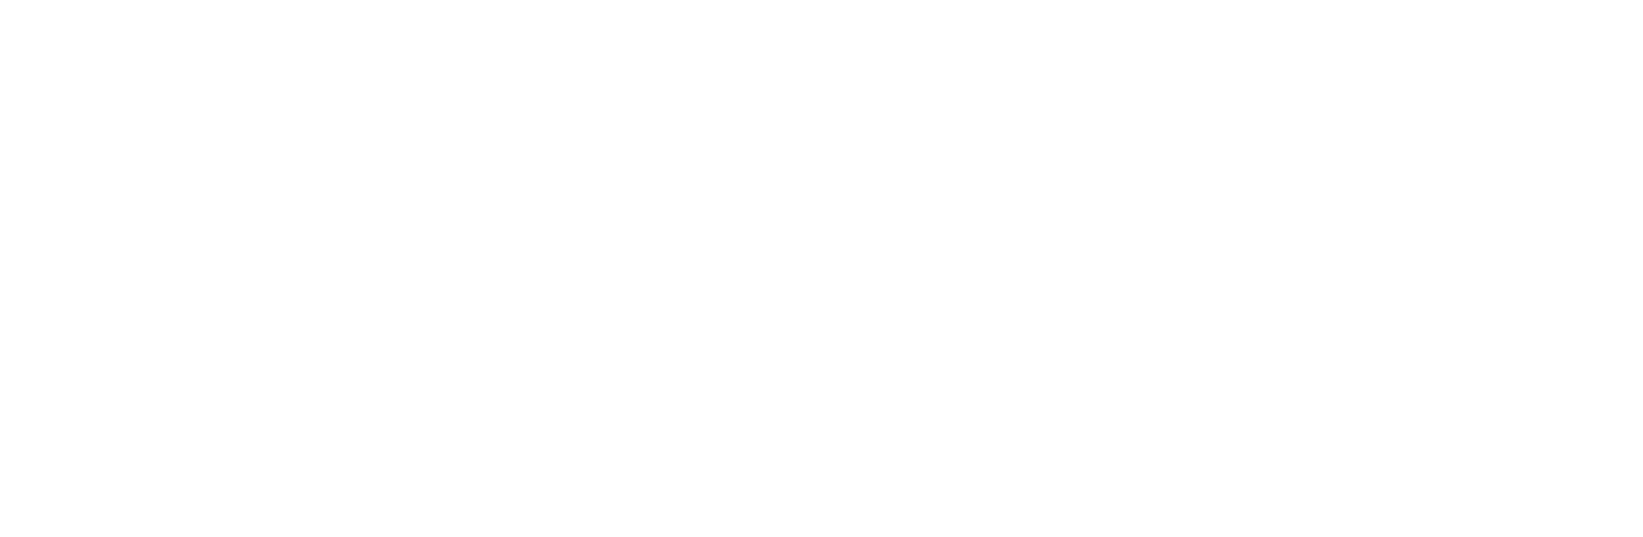 IRAfi